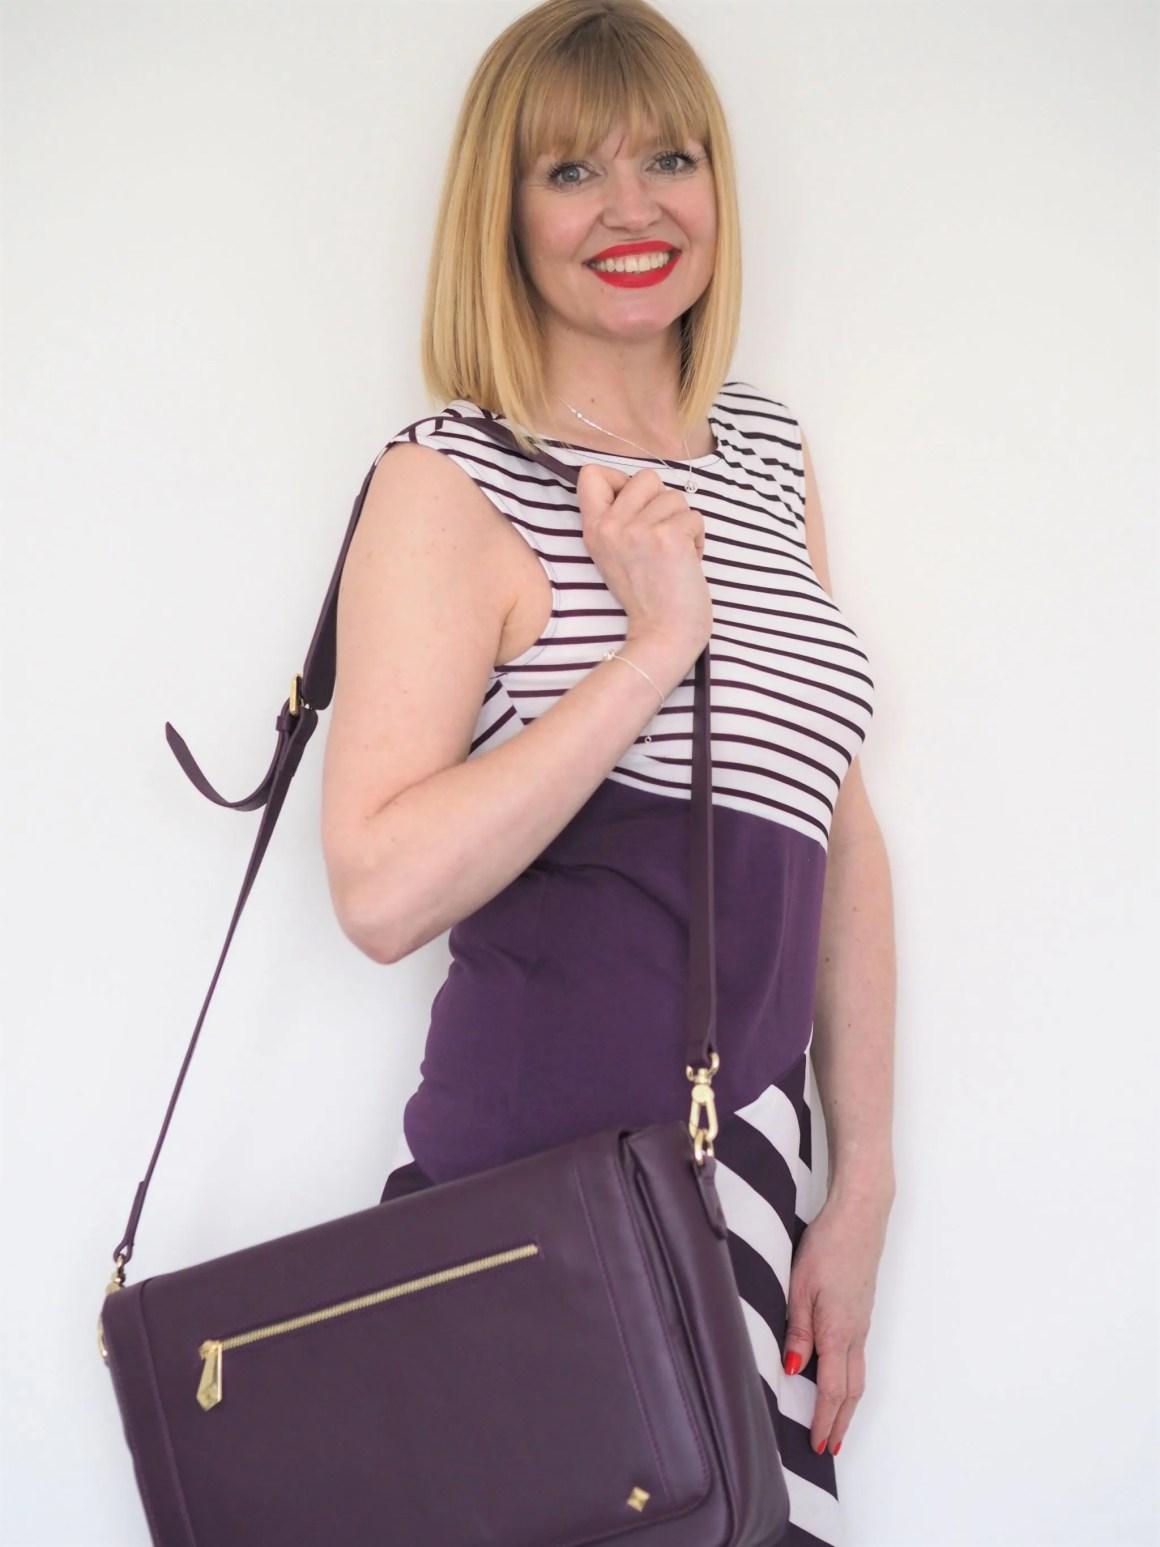 what-lizzy-loves-jennifer hamley-model-kt-laptop-work-bag-shoulder